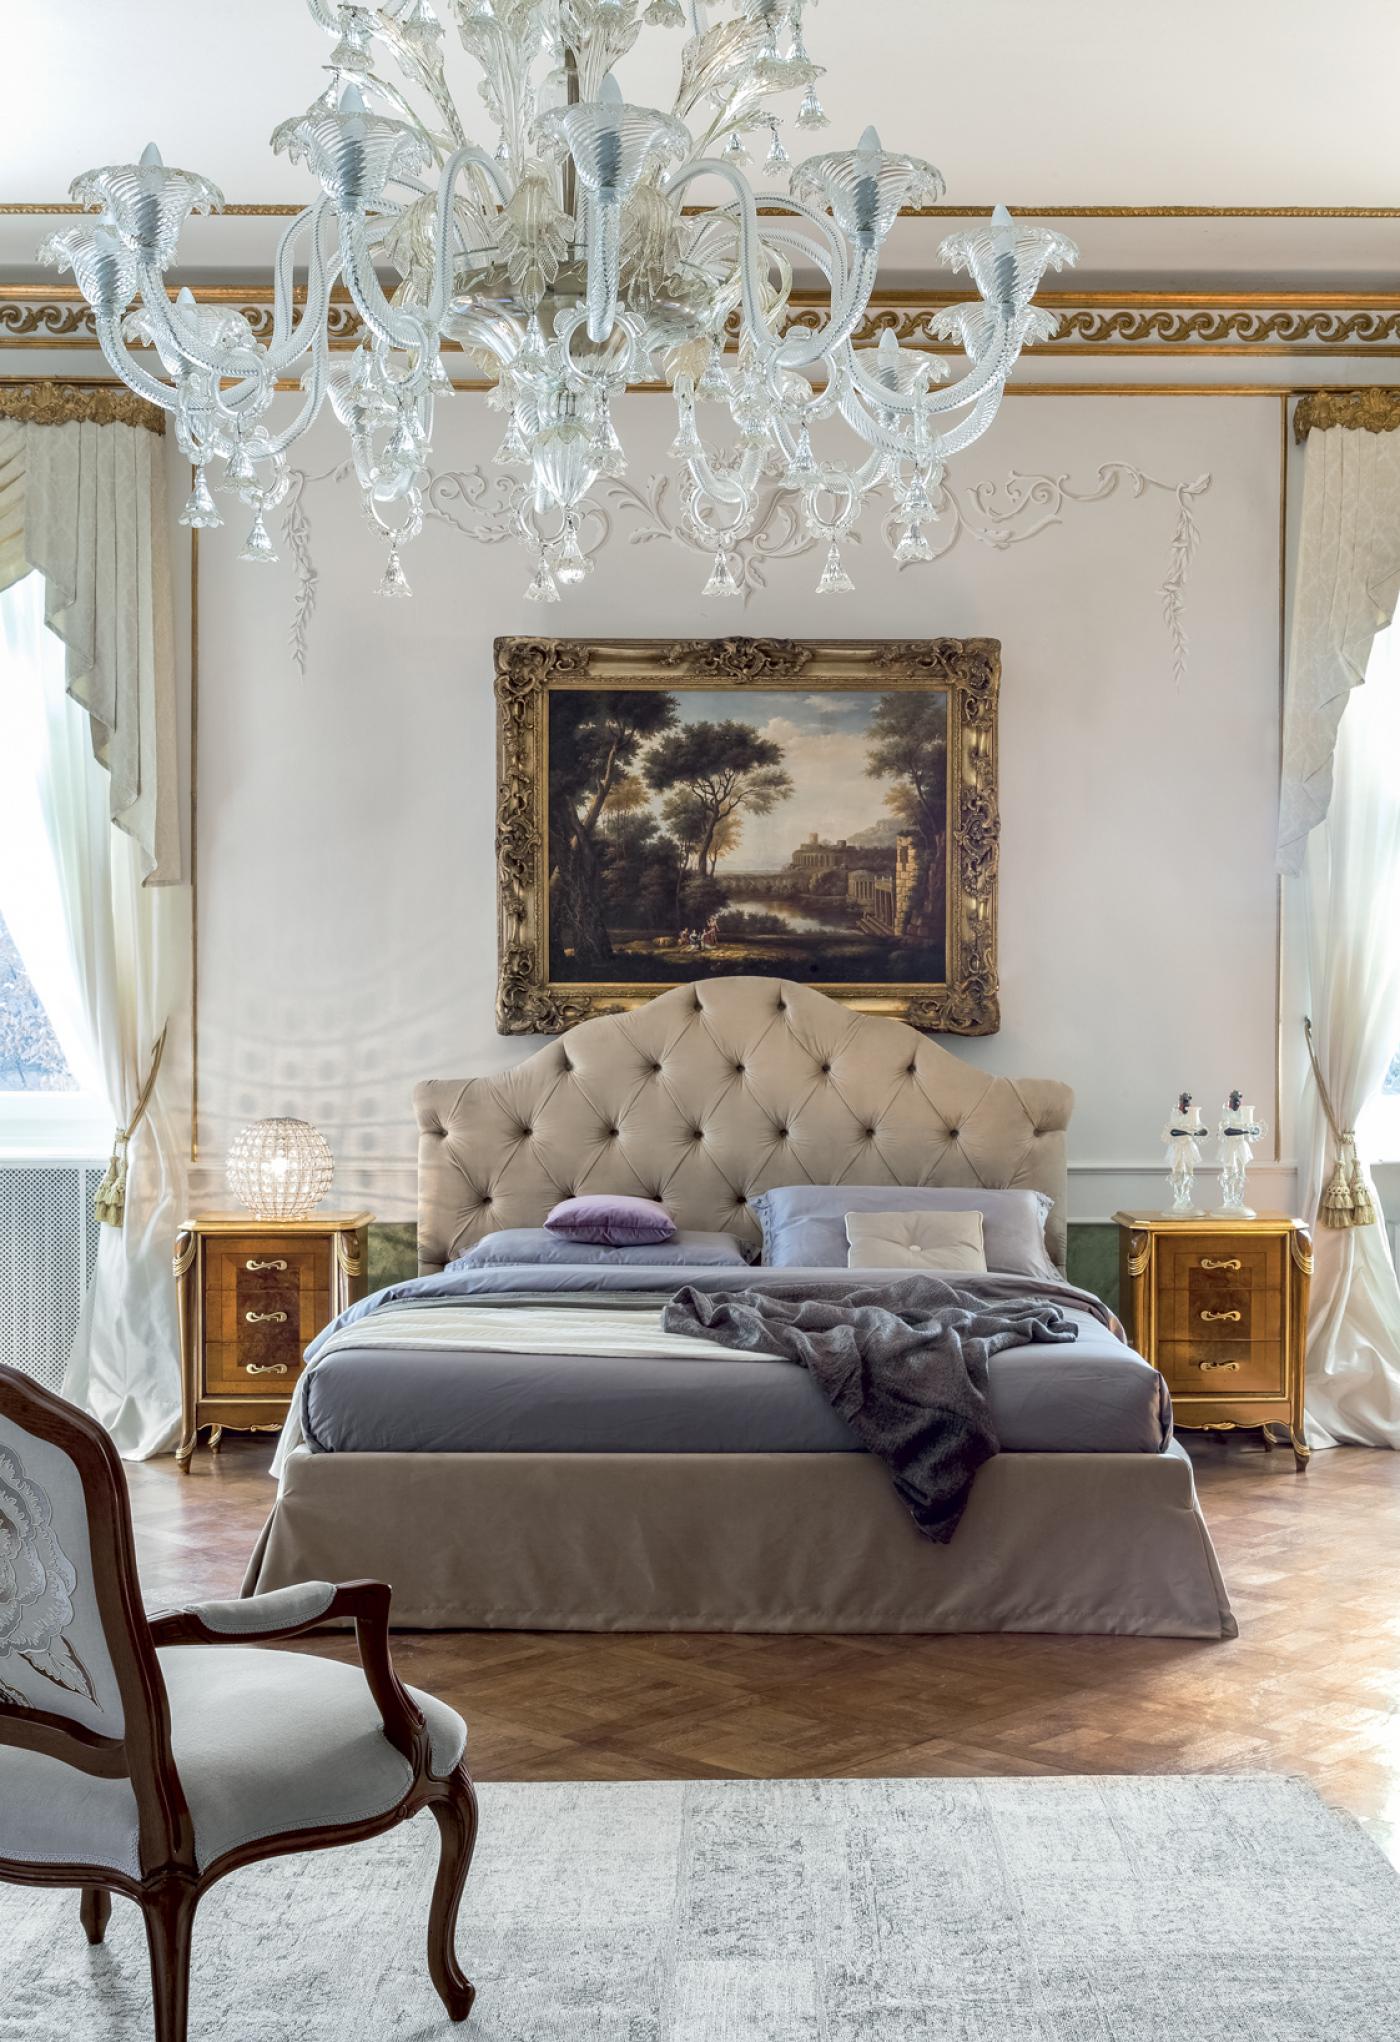 Letti in stile classico l 39 eleganza in camera da letto - Stile camera da letto ...